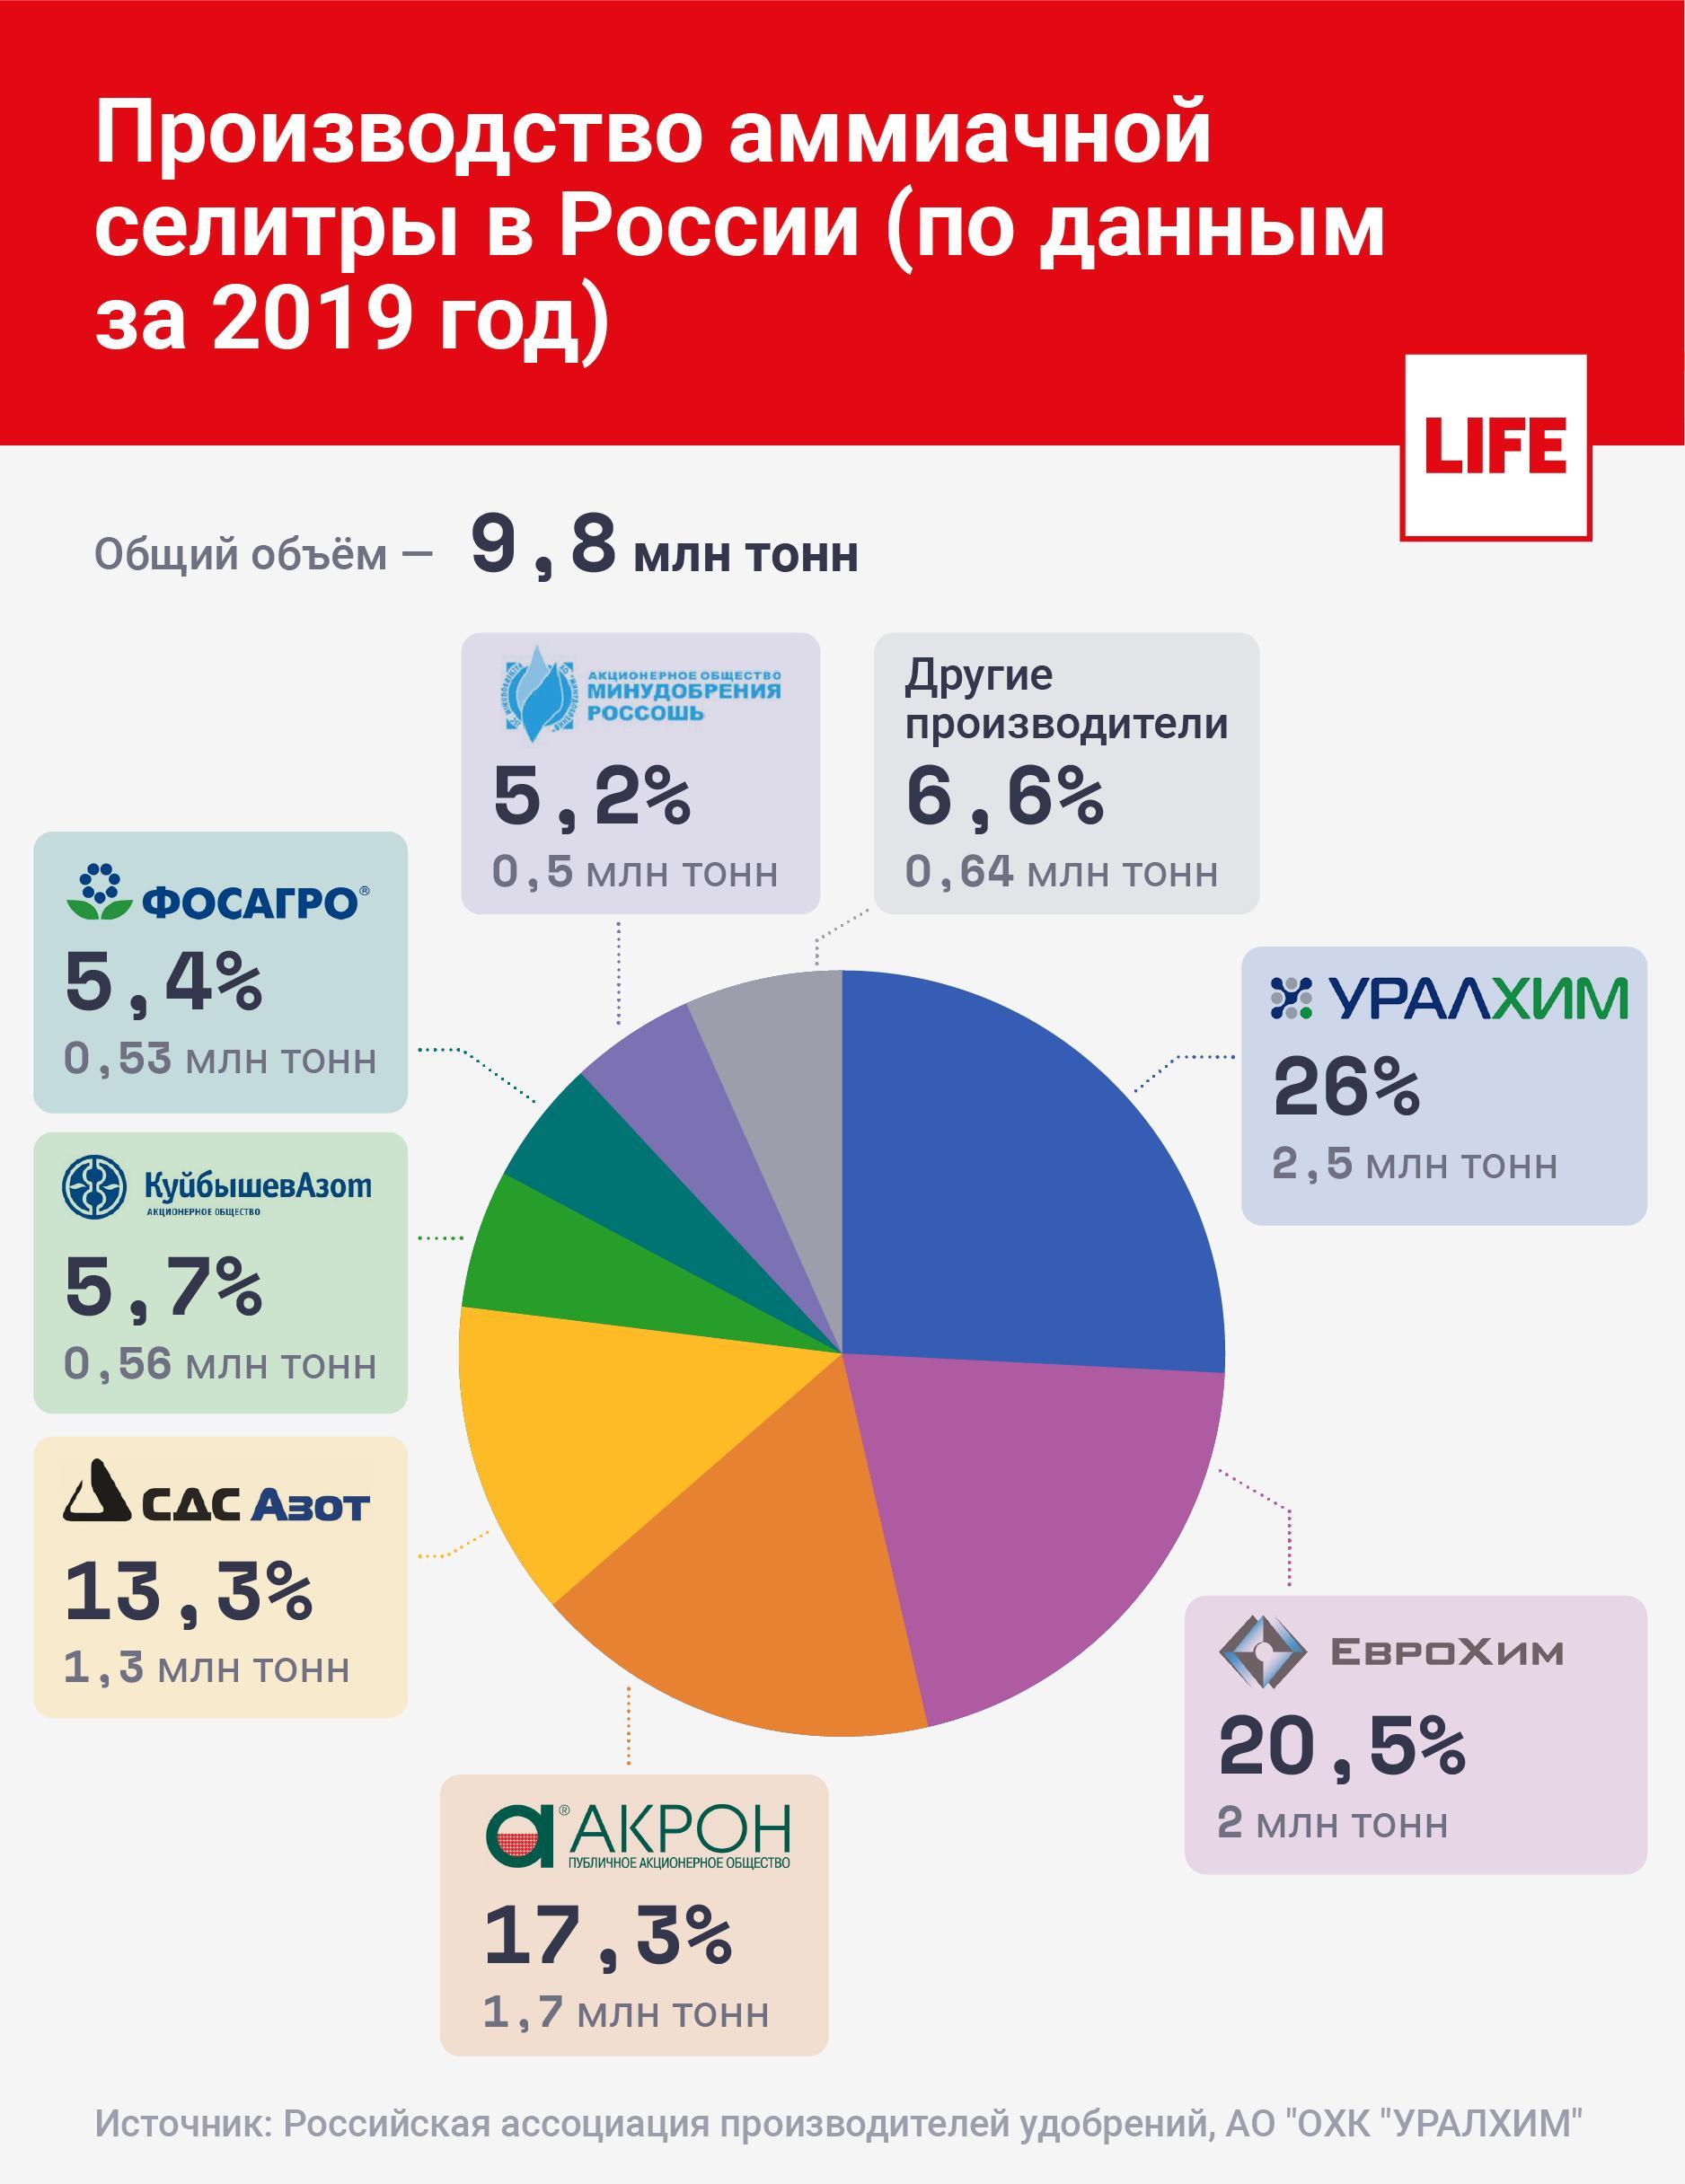 Инфографика ©LIFE